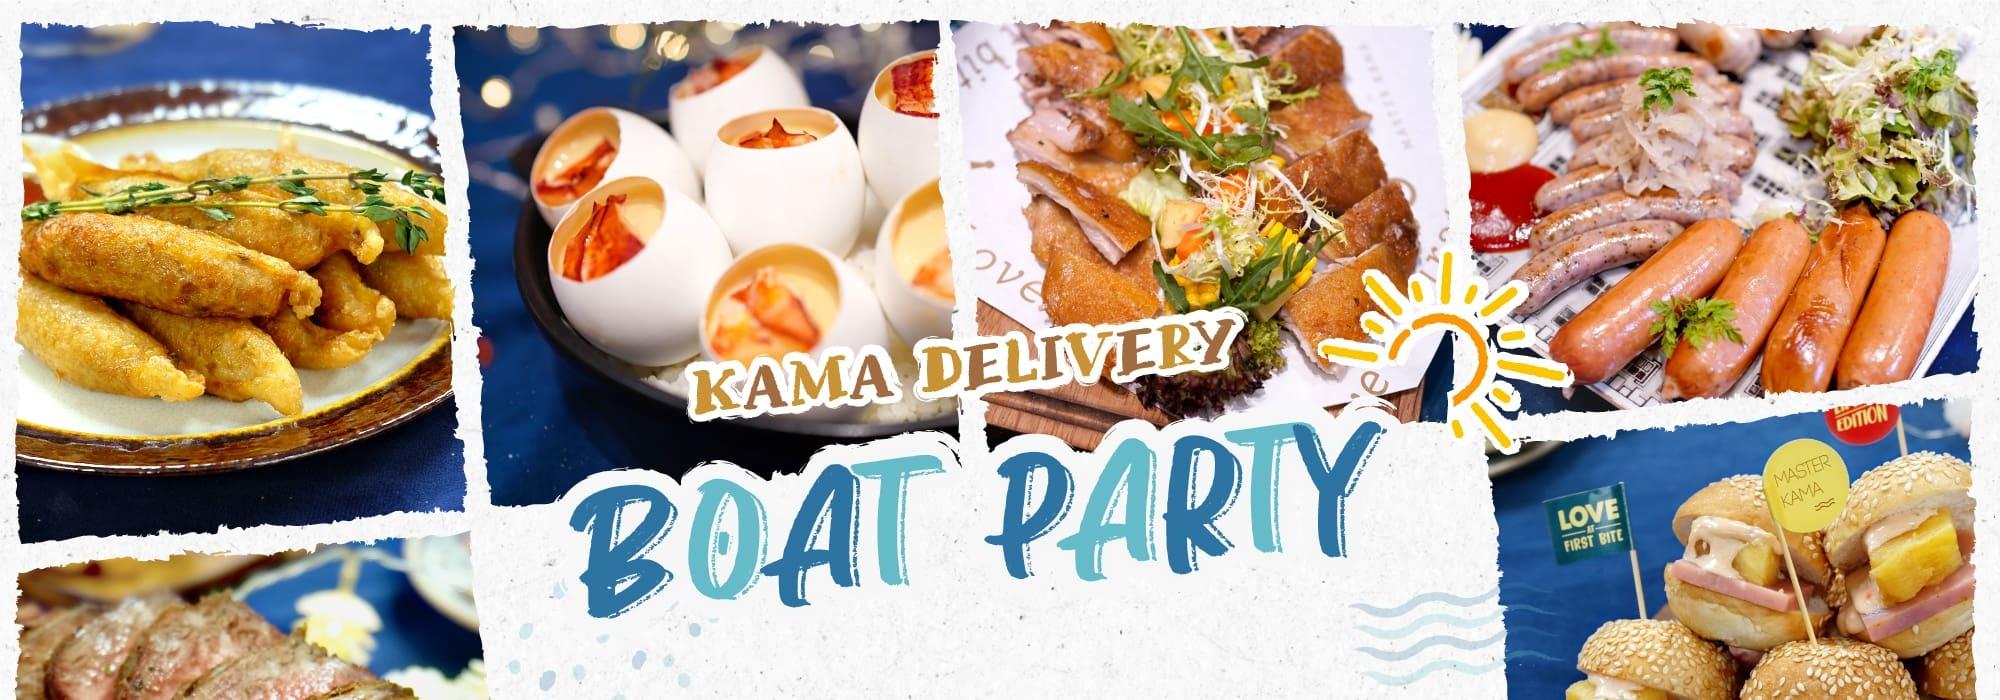 遊船河到會美食推薦2021|Kama Delivery外賣速遞服務專家